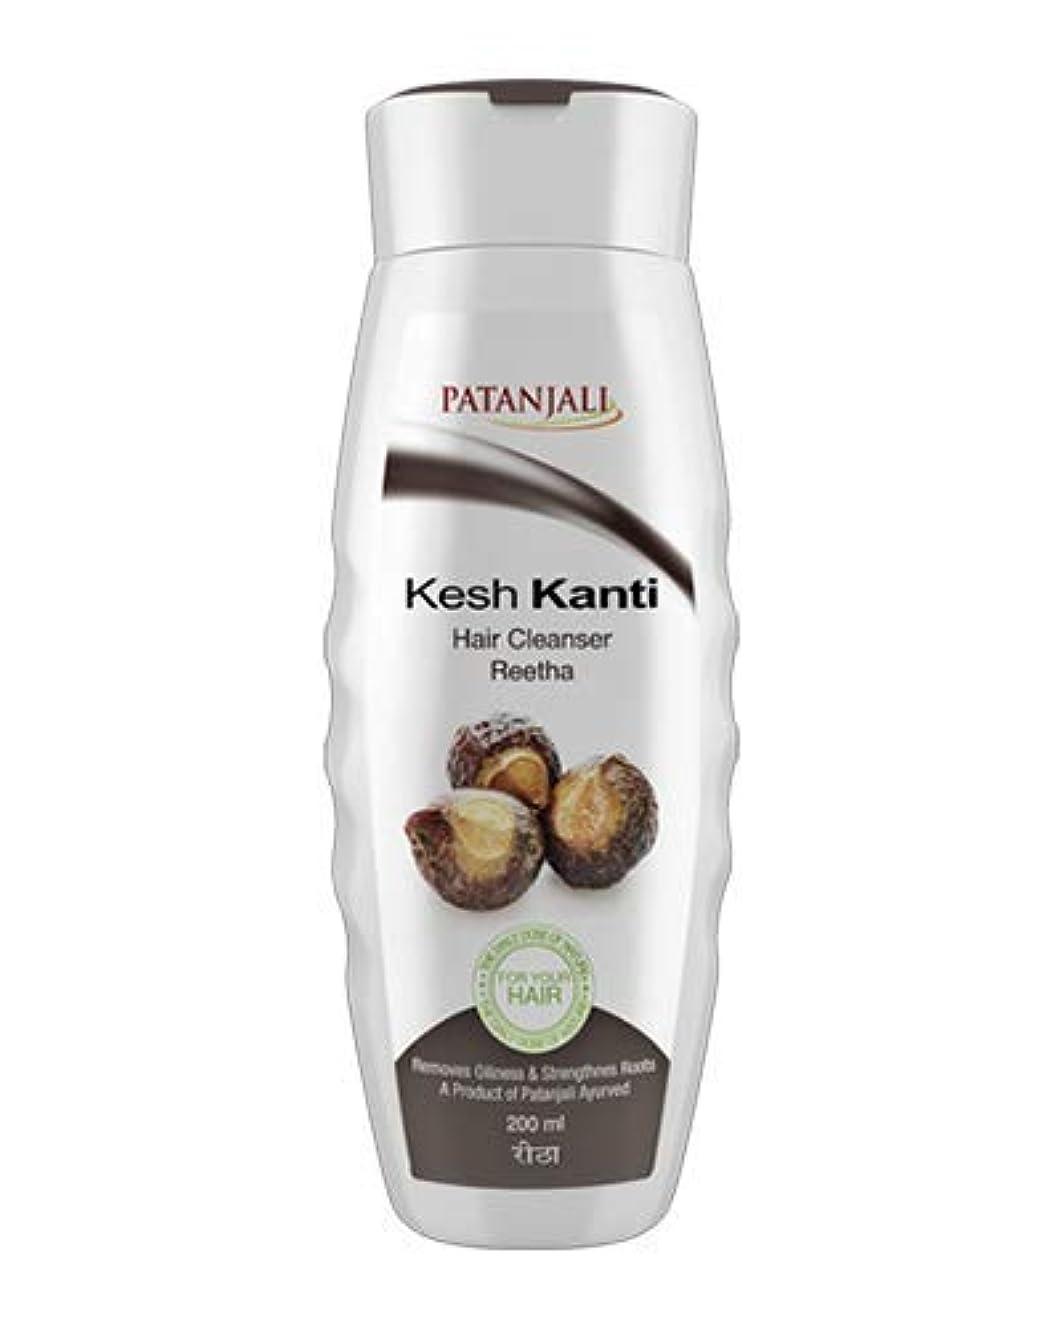 ナースフクロウ発生器Patanjali Kesh Kanti Reetha Hair Cleanser Shampoo, 200ml